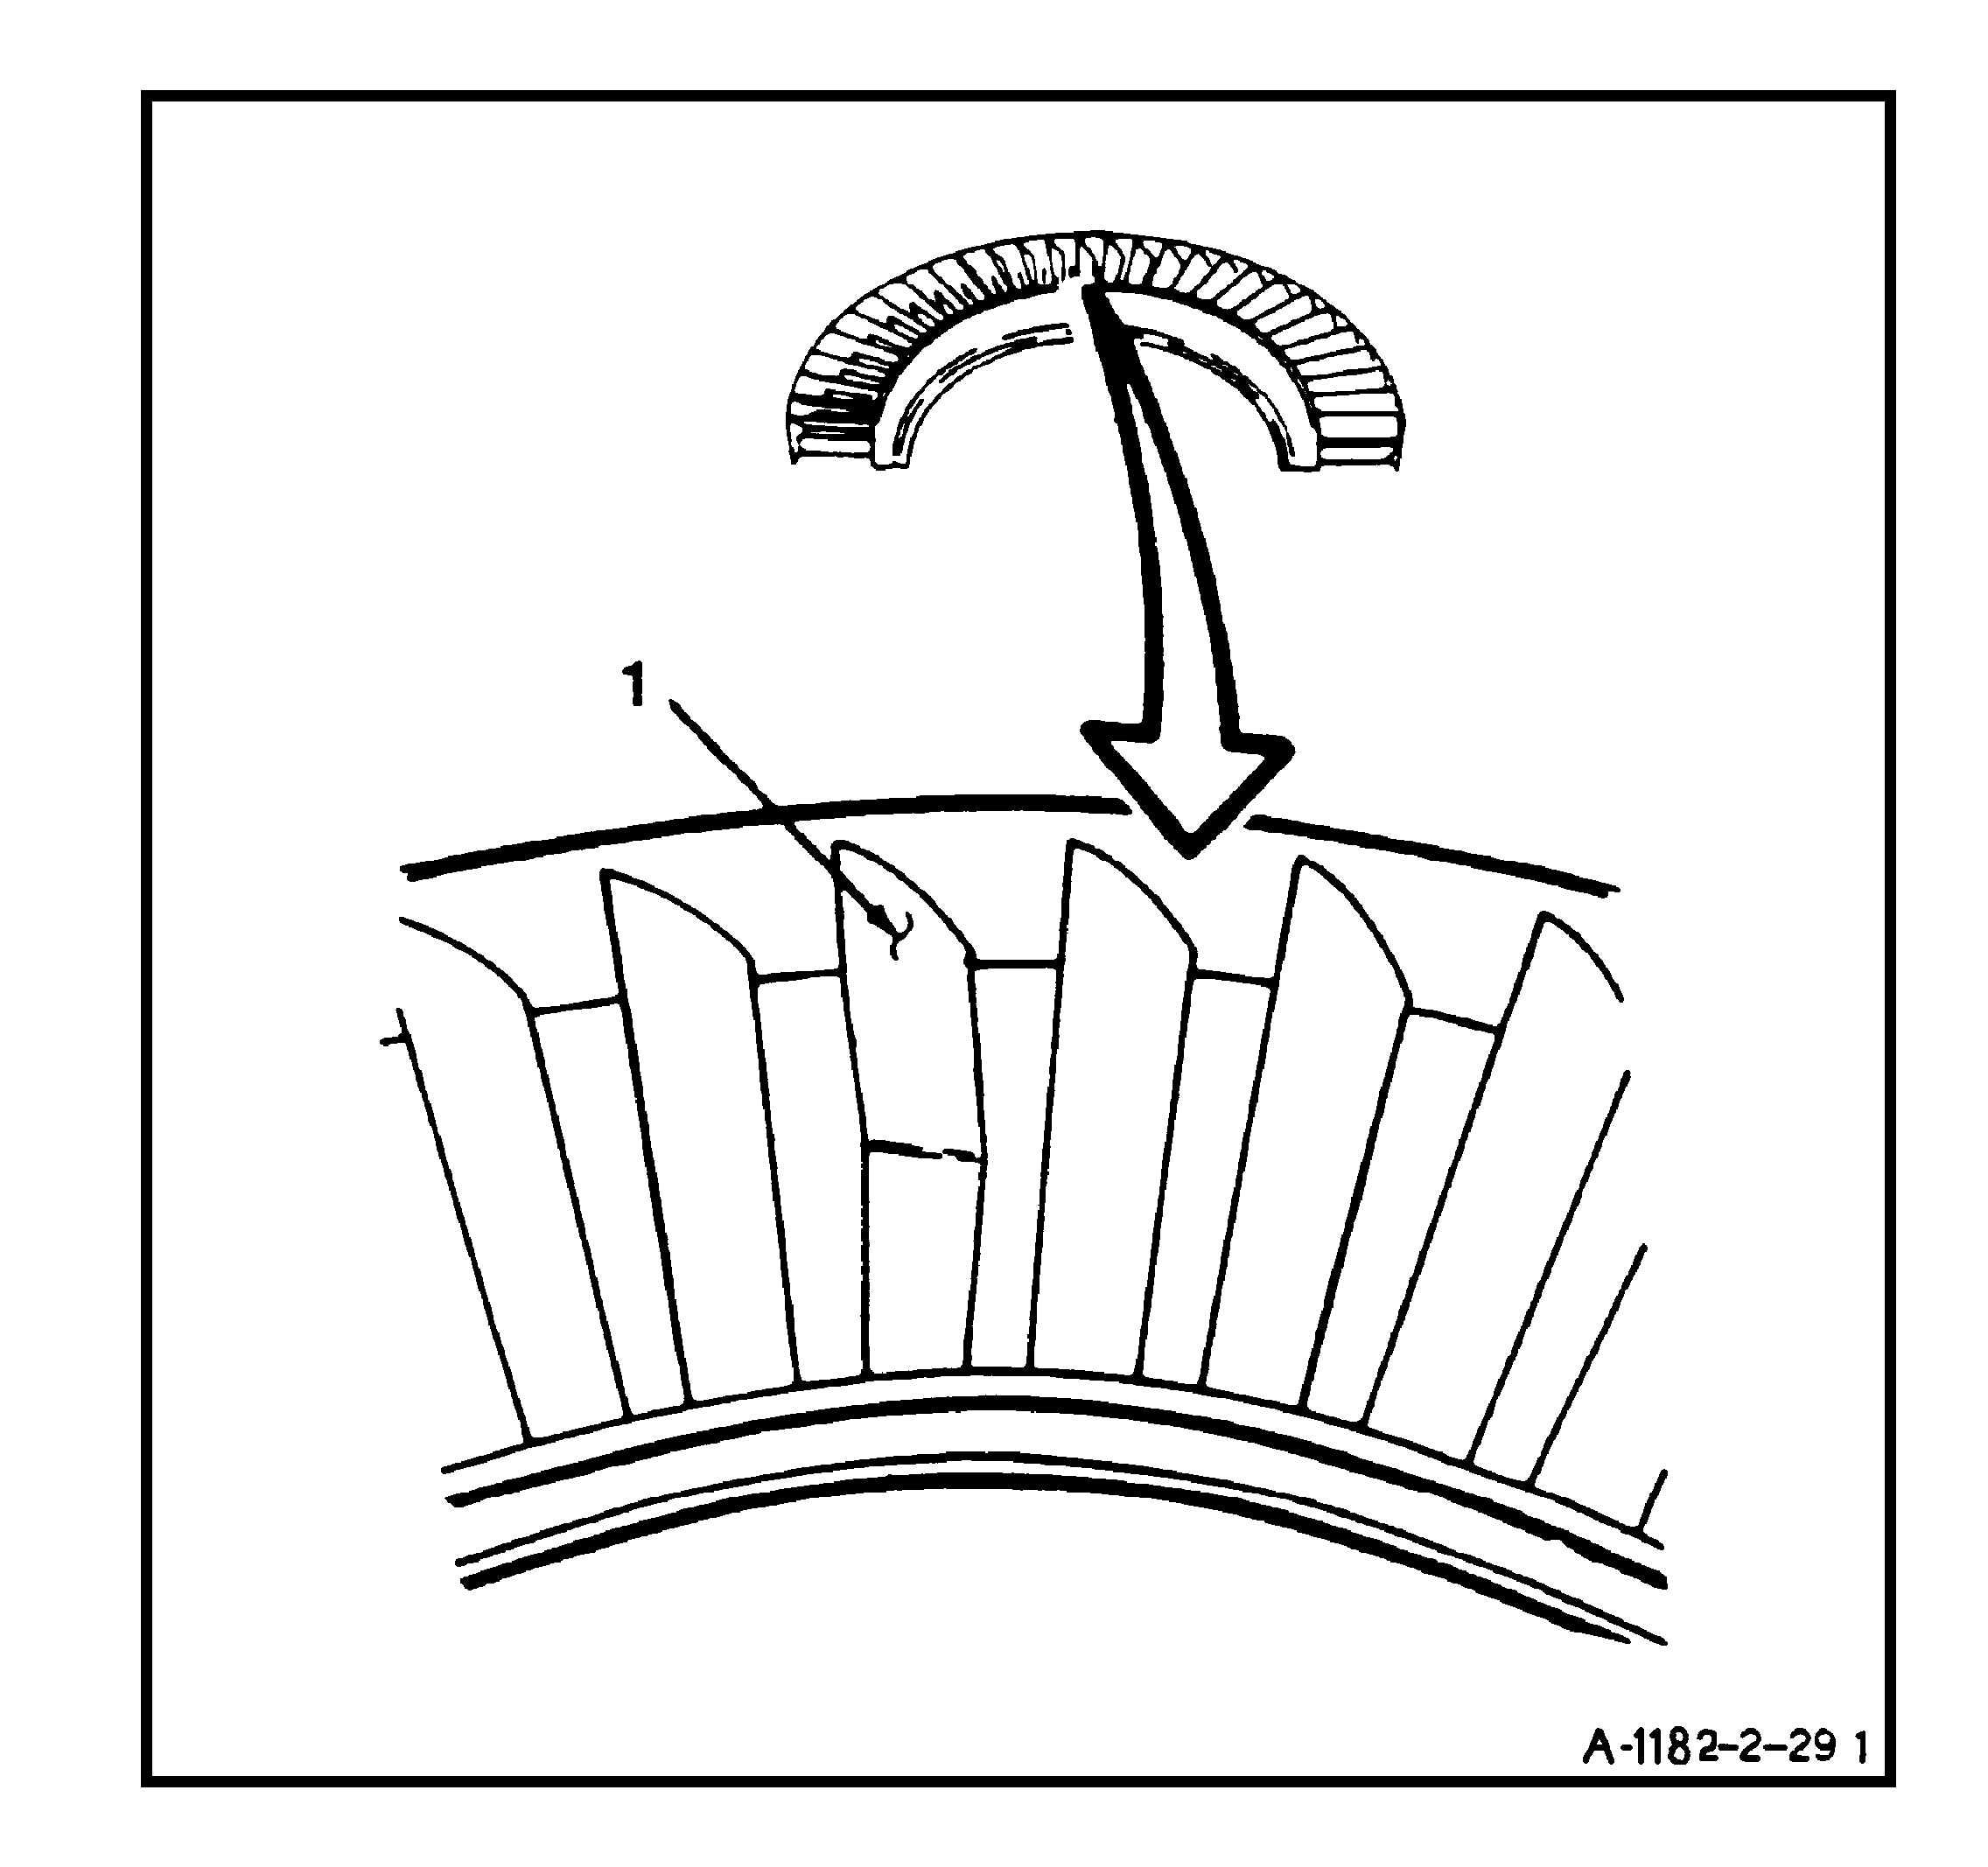 repair stator vane assemblies